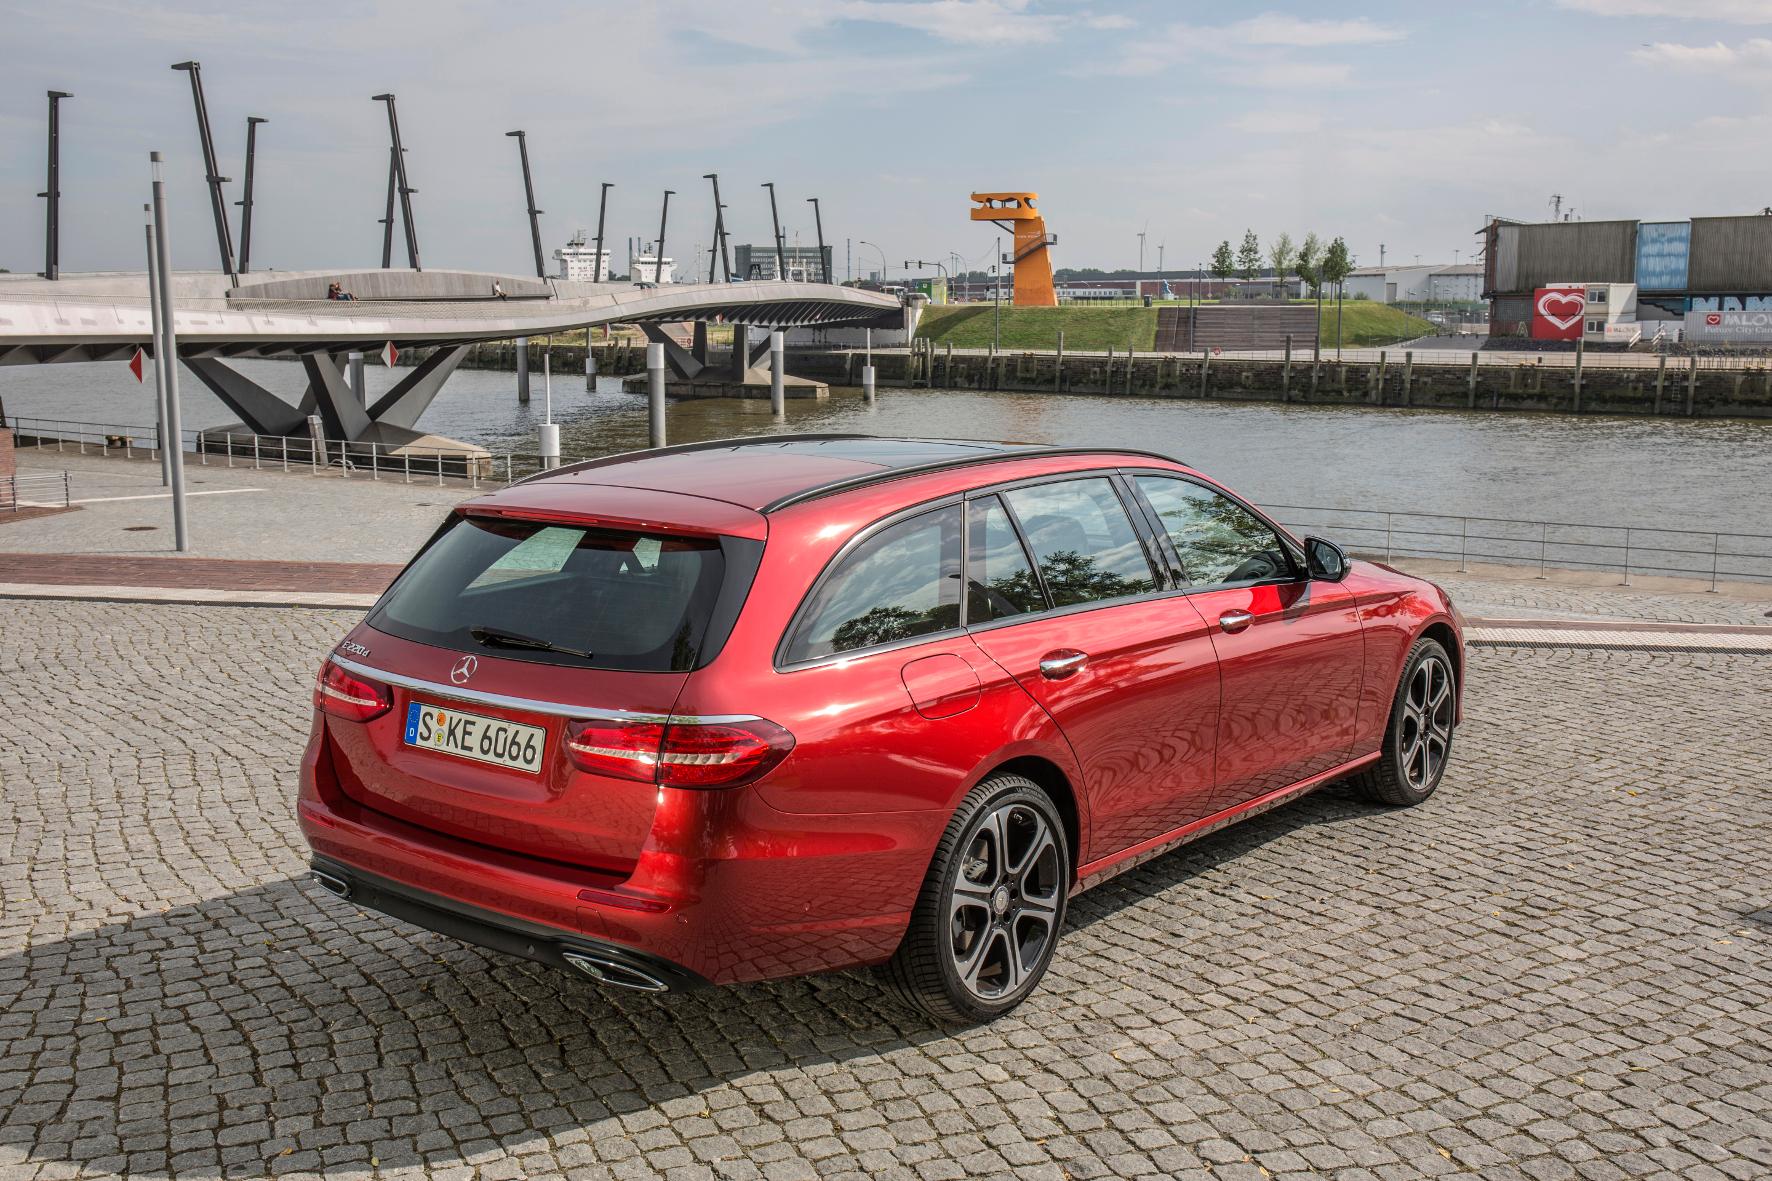 mid Hamburg - Die Dachlinie des neuen Mercedes E-Klasse T-Modells fällt nach hinten leicht ab, hinter der – elektrisch zu öffnenden – Heckklappe ist aber trotzdem mehr als reichlich Platz fürs Gepäck.